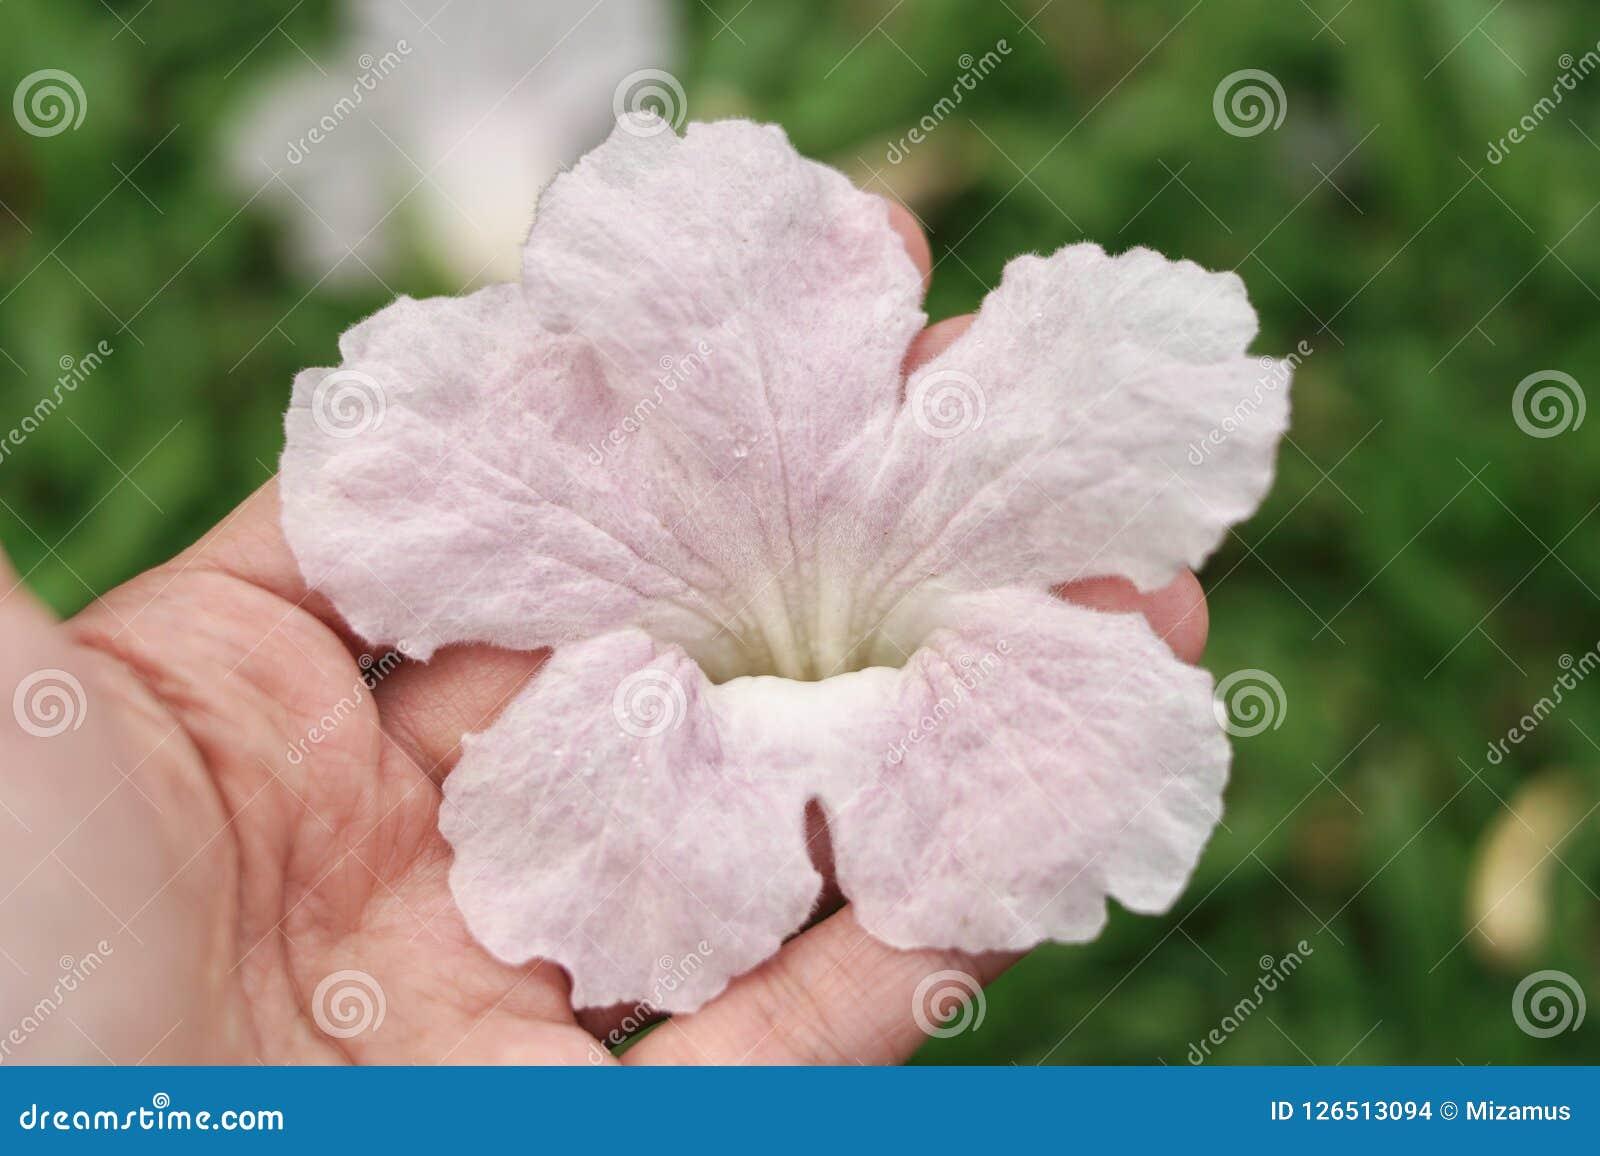 玫瑰色喇叭树花